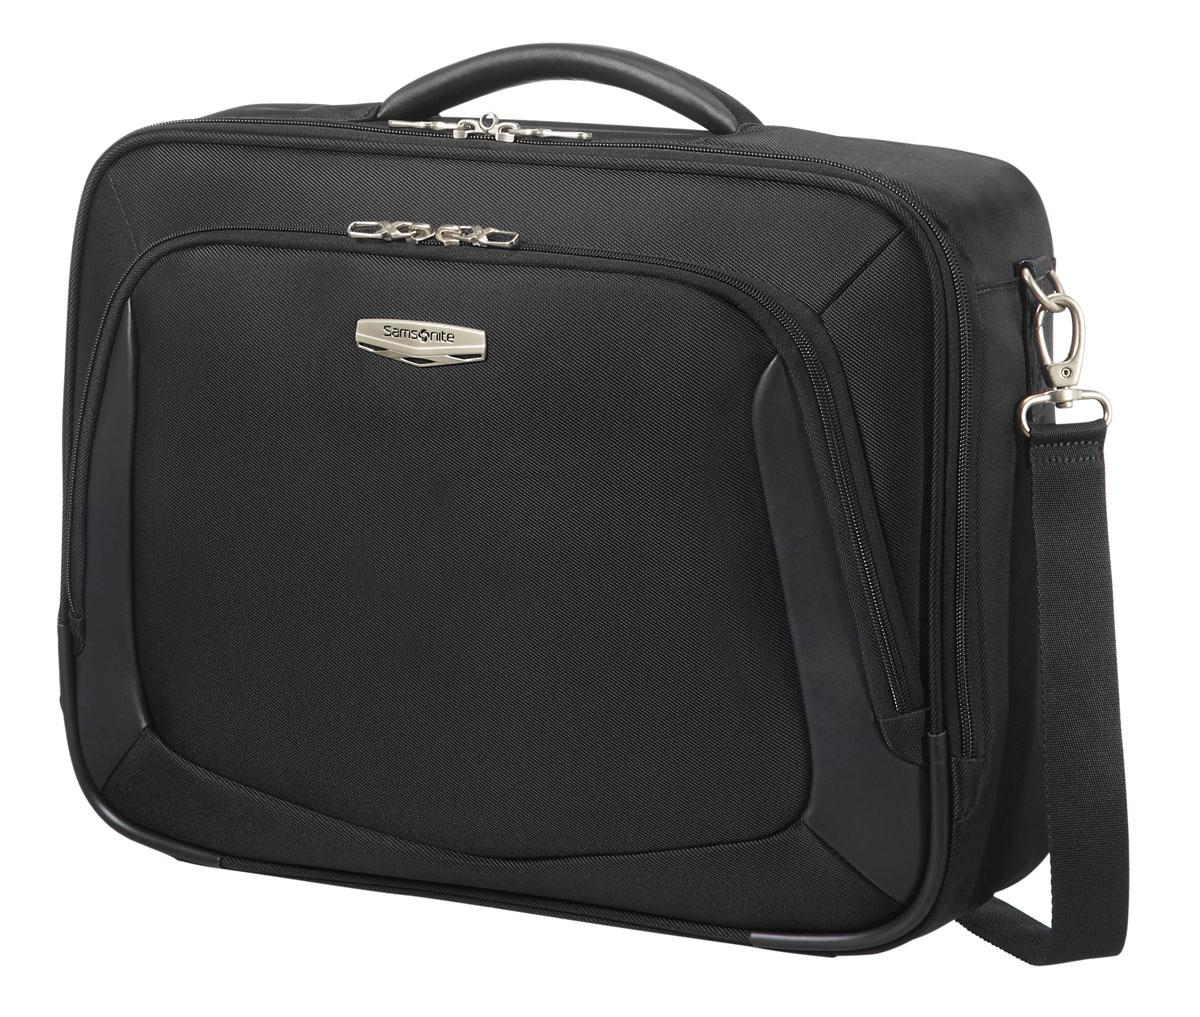 Сумка плечевая Samsonite X-blade 3.0, цвет: черный, 45 х 38 х 15 см сумка плечевая samsonite сумка плечевая paradiver light